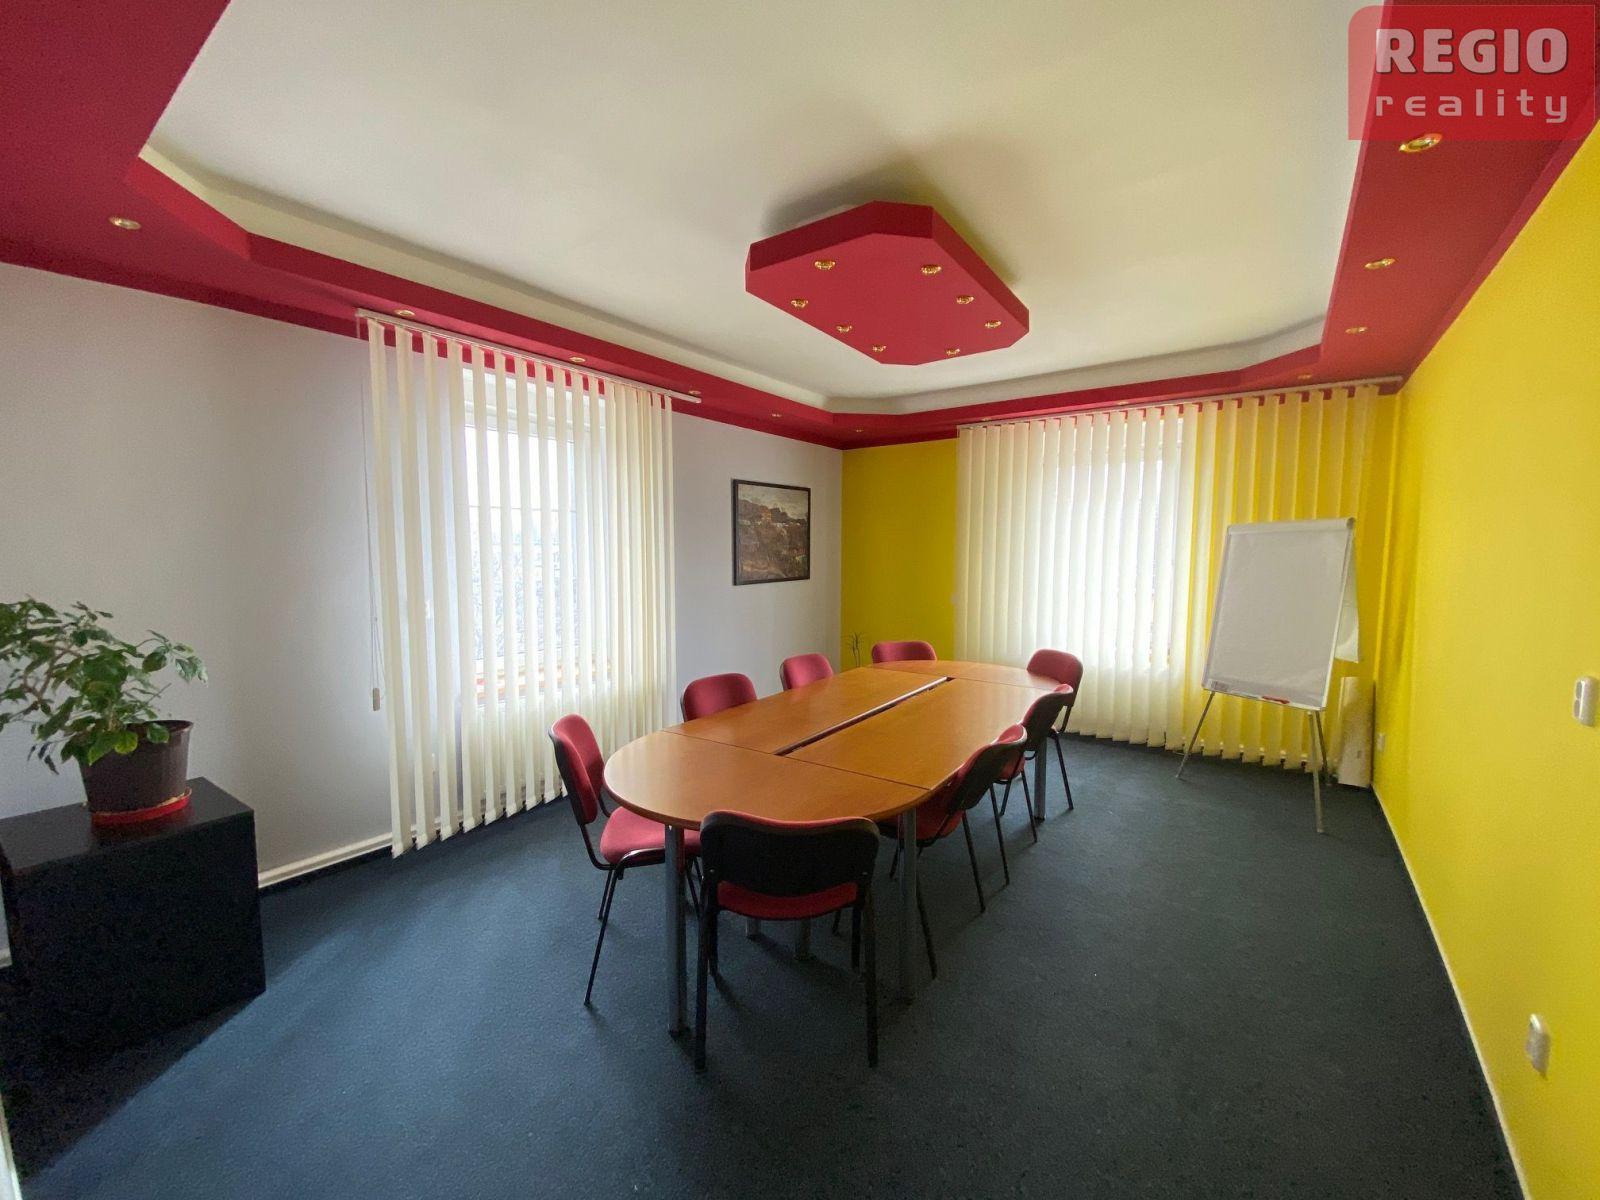 Pronájem kancelářských prostor o výměře 110 m2, v Místku